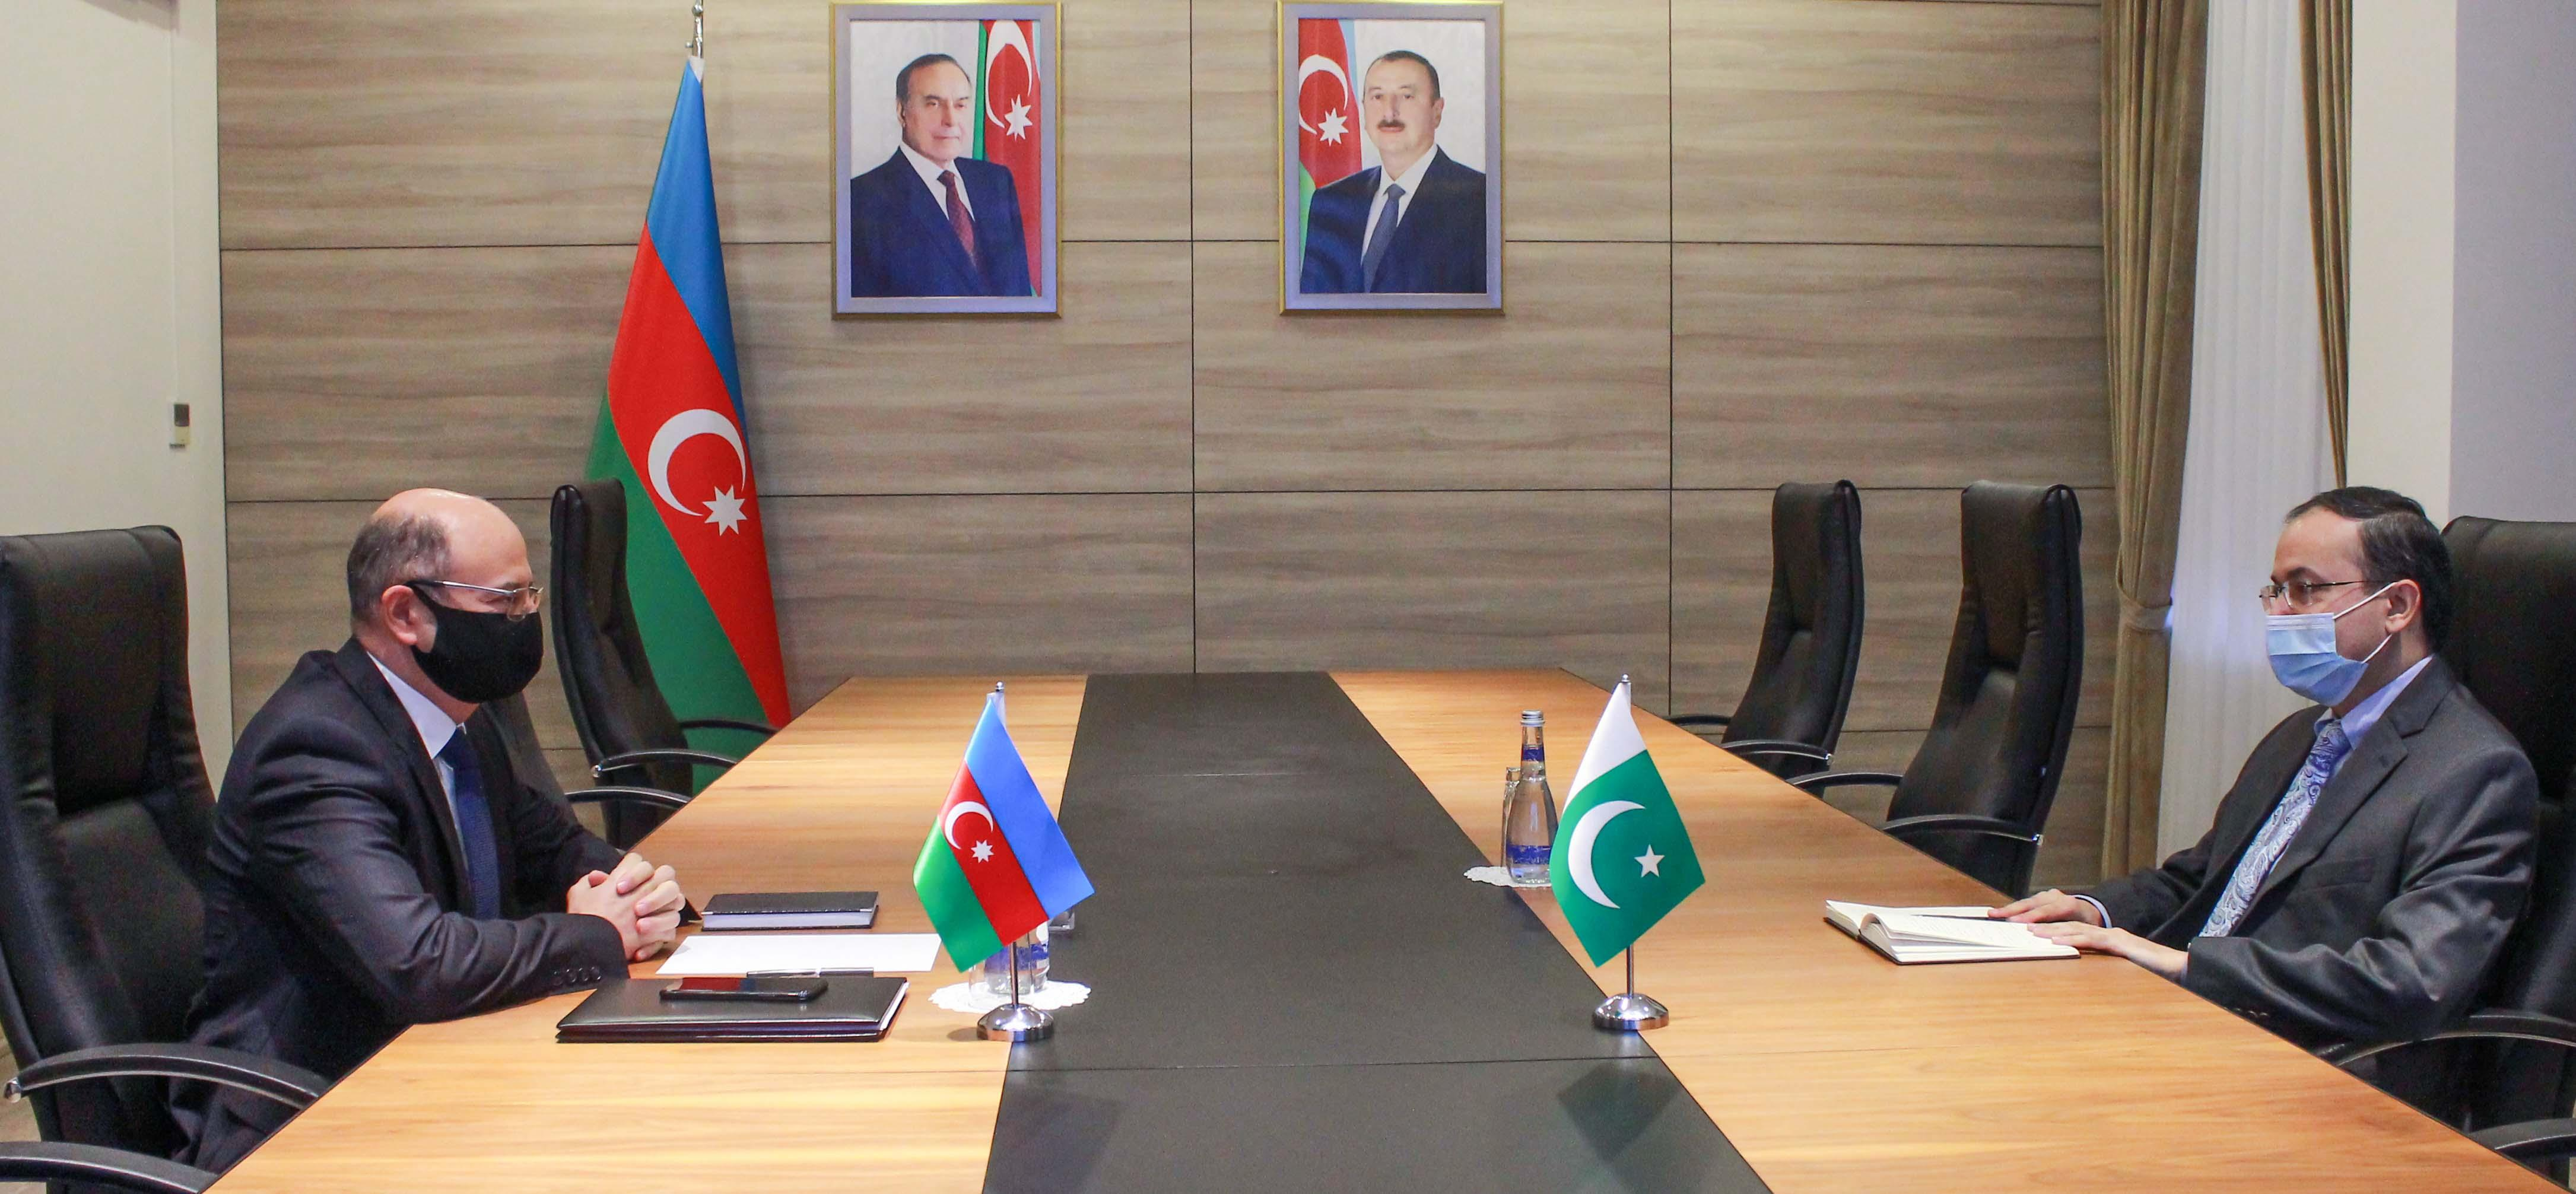 Pərviz Şahbazov və Bilal Haye